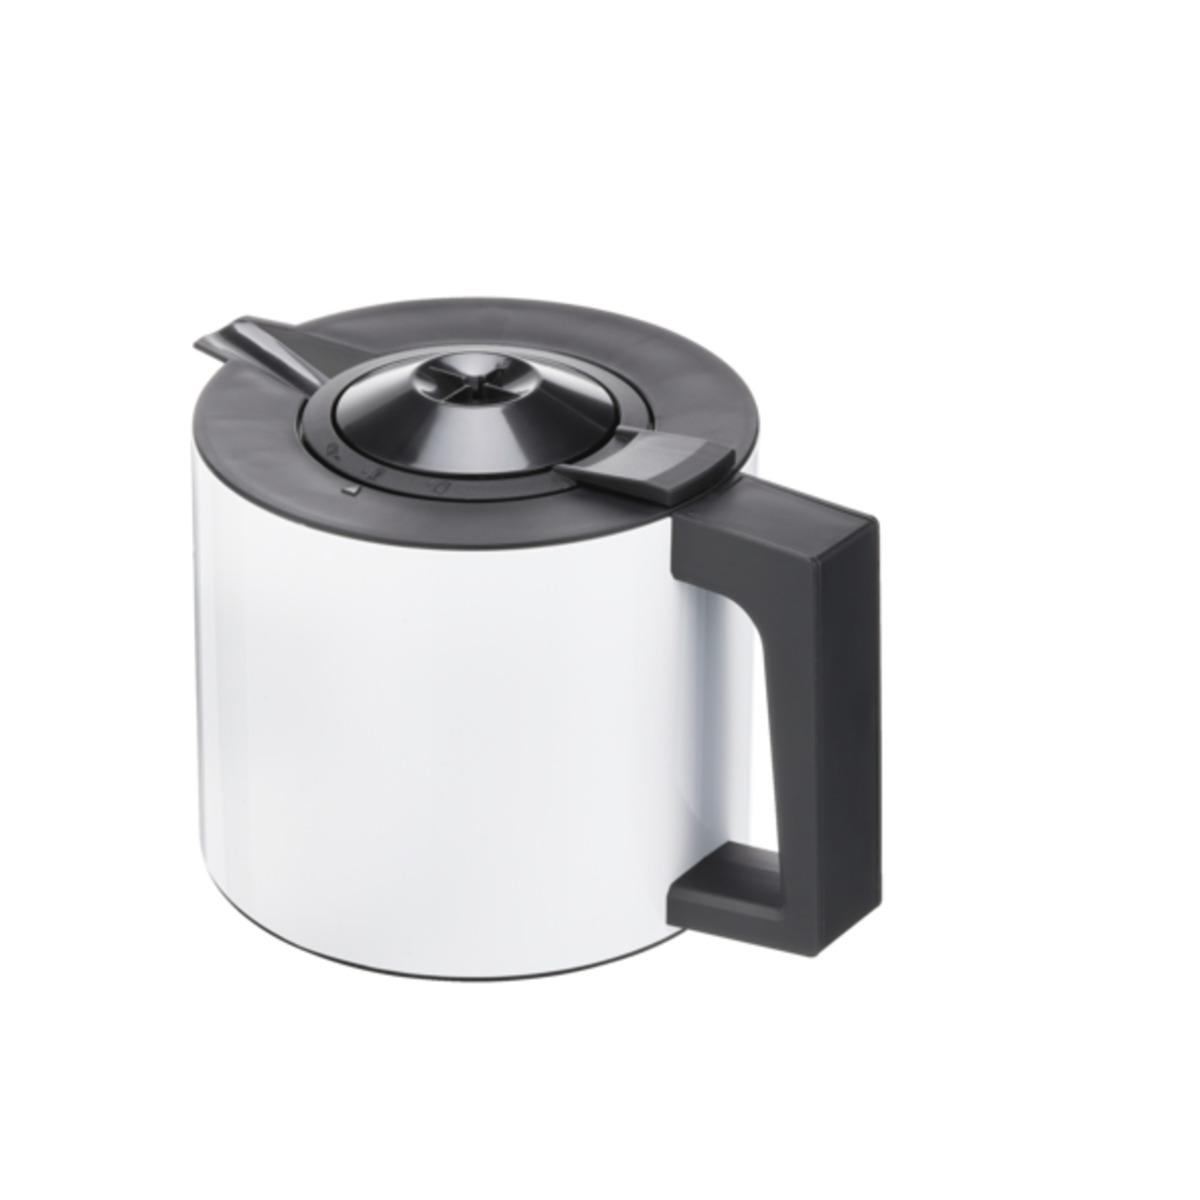 Bild 5 von Kaffeemaschine ritter Cafena 5, weiß